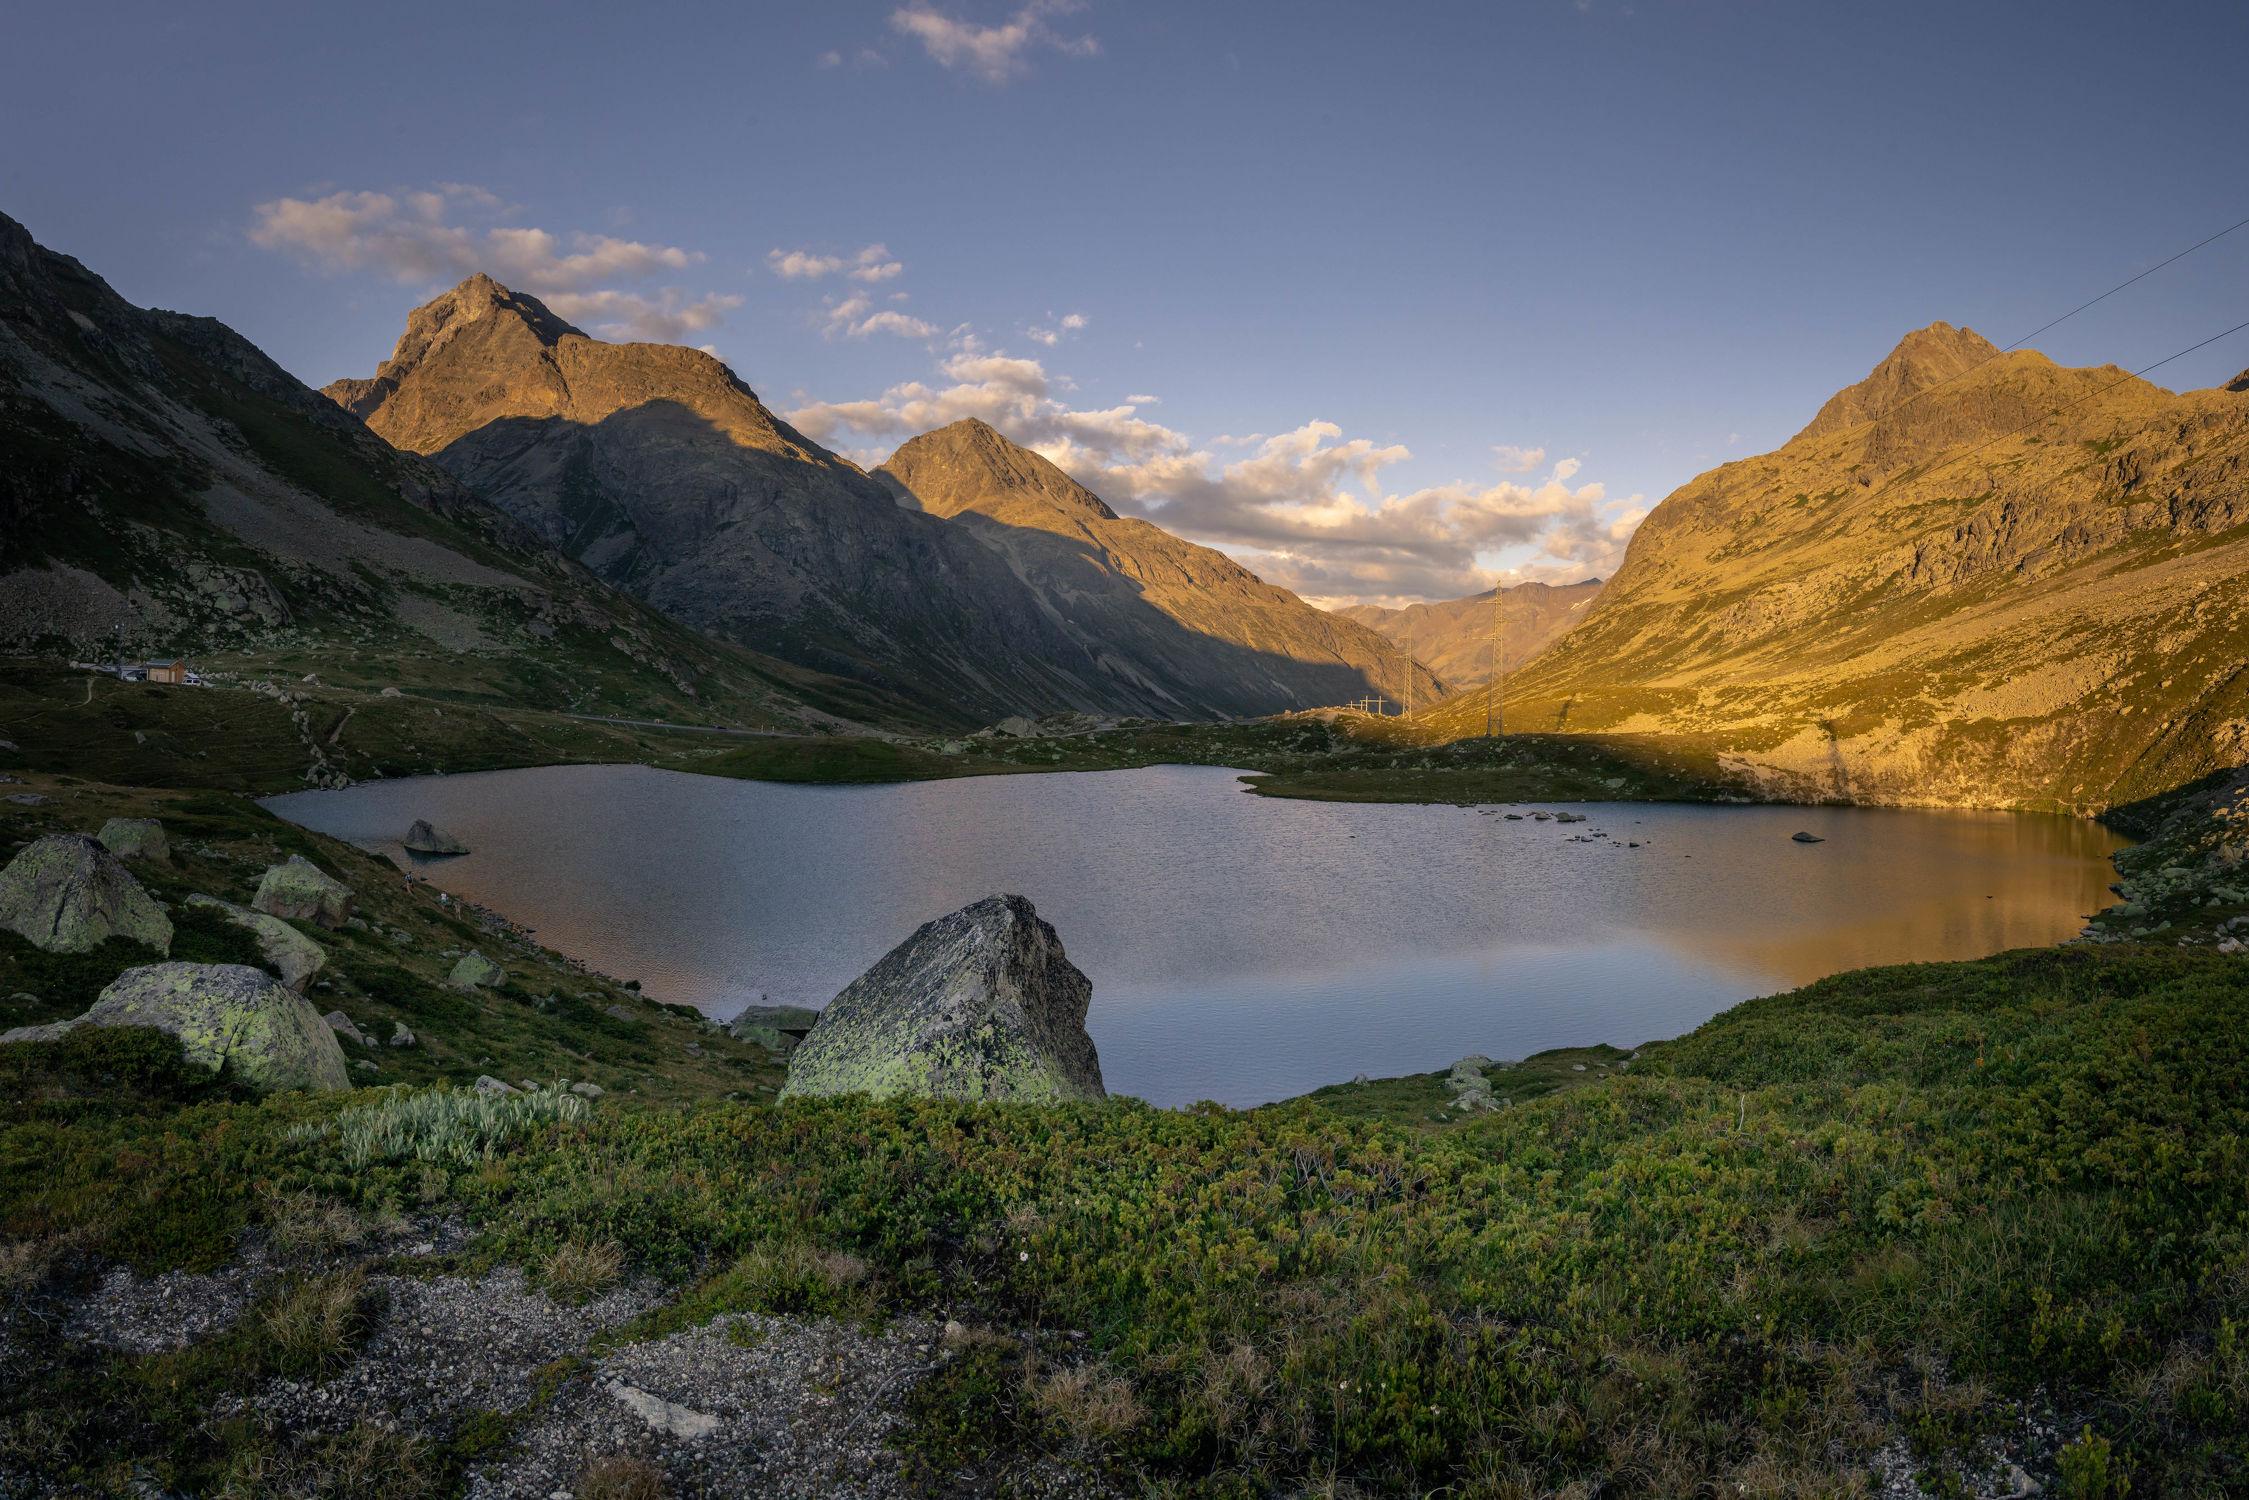 Bild mit Sommer, Panorama, Seeblick, Blauer Himmel, See, Landschaftspanorama, in den Bergen, schweizeralpen, bergen, julierpass